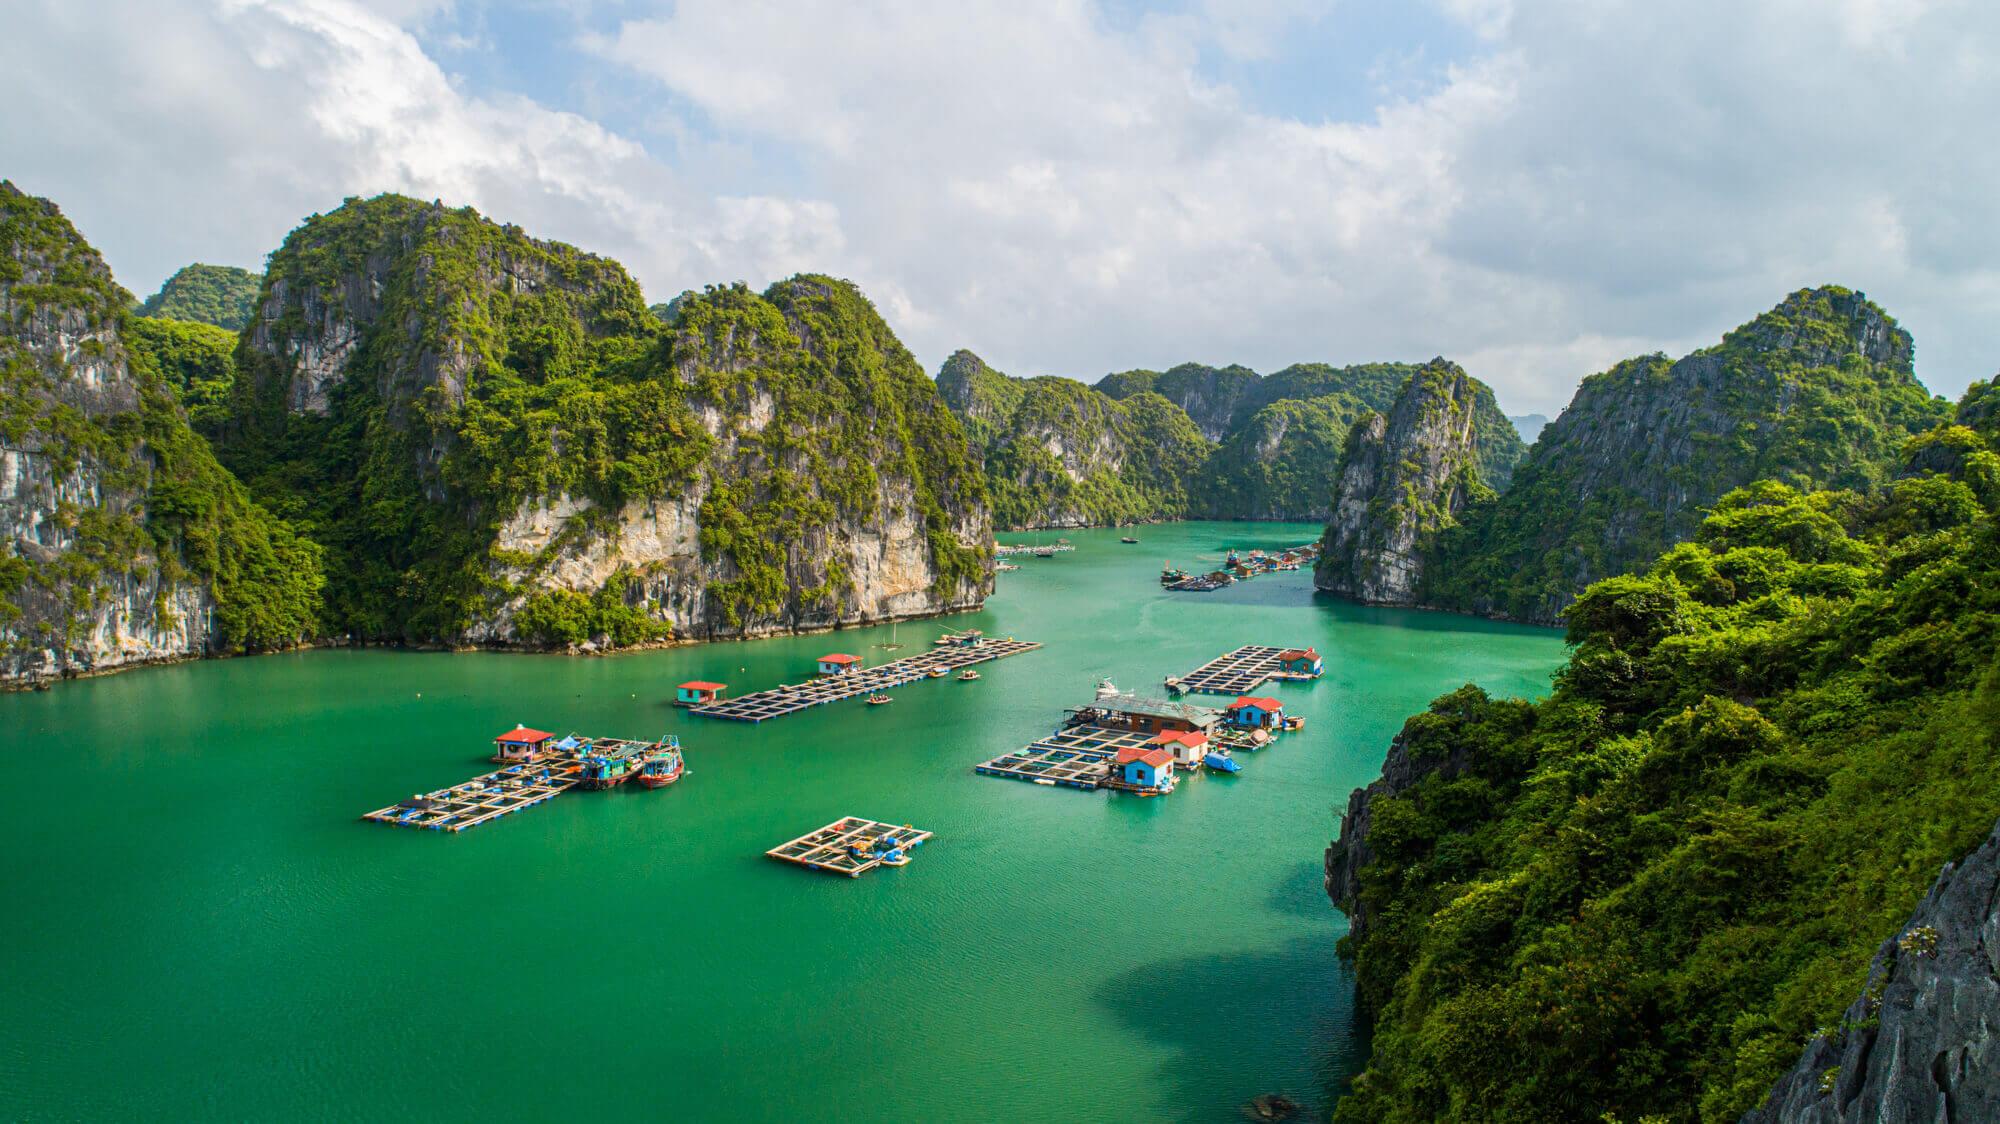 Book vé máy bay tháng 4 đi Hà Nội để tới thăm Vịnh Hạ Long